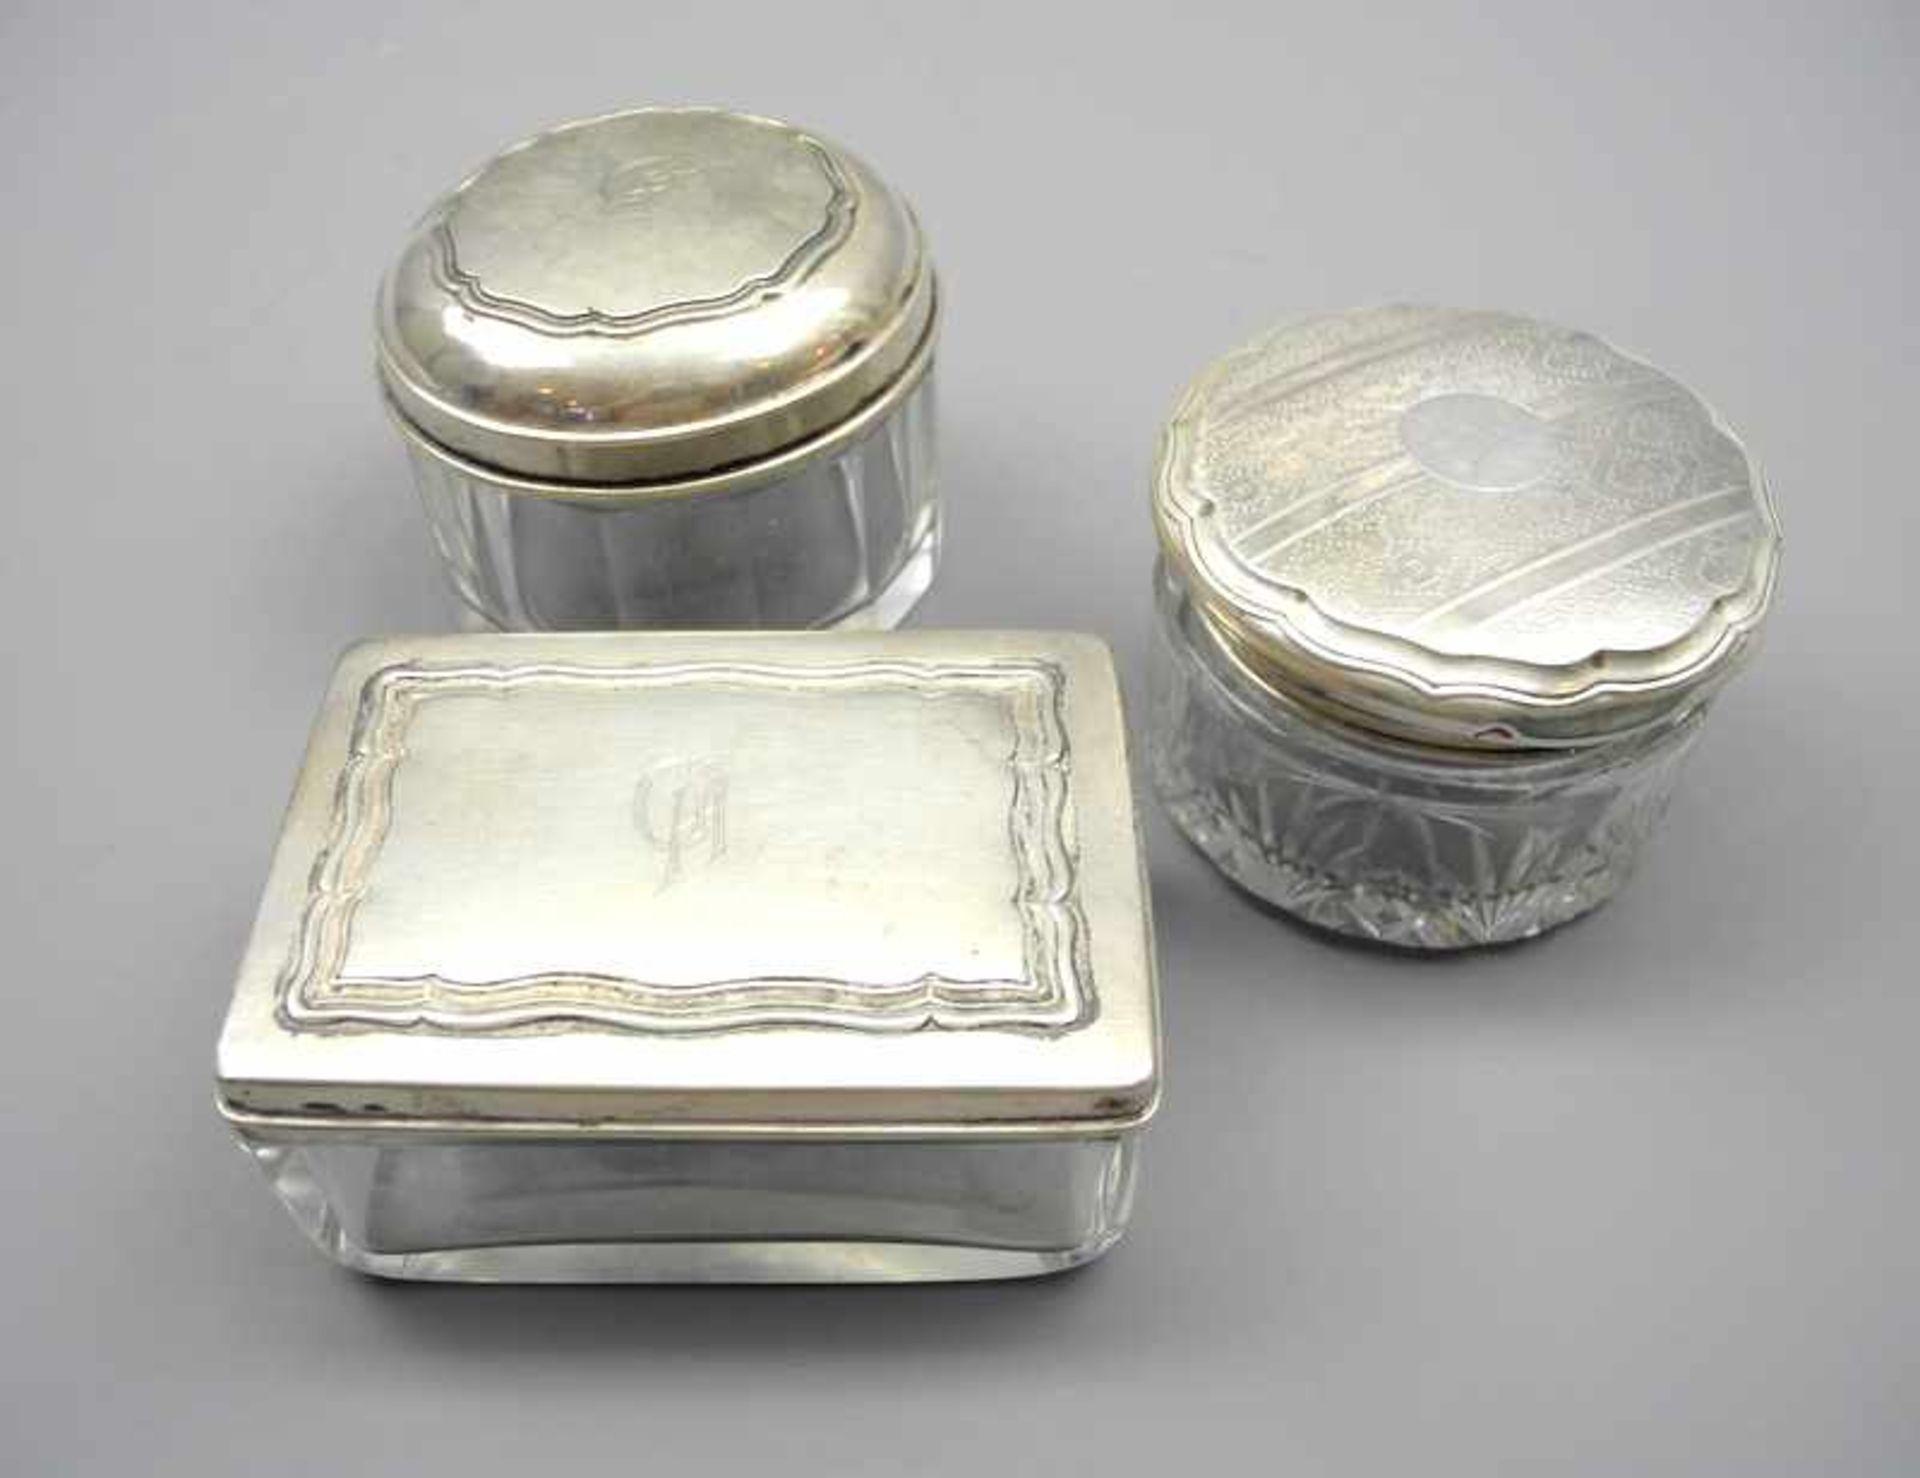 Drei Glasdosen mit SilberdeckelnGlas und Silber 800/830/900, jeweils seitlich am Deckel mit